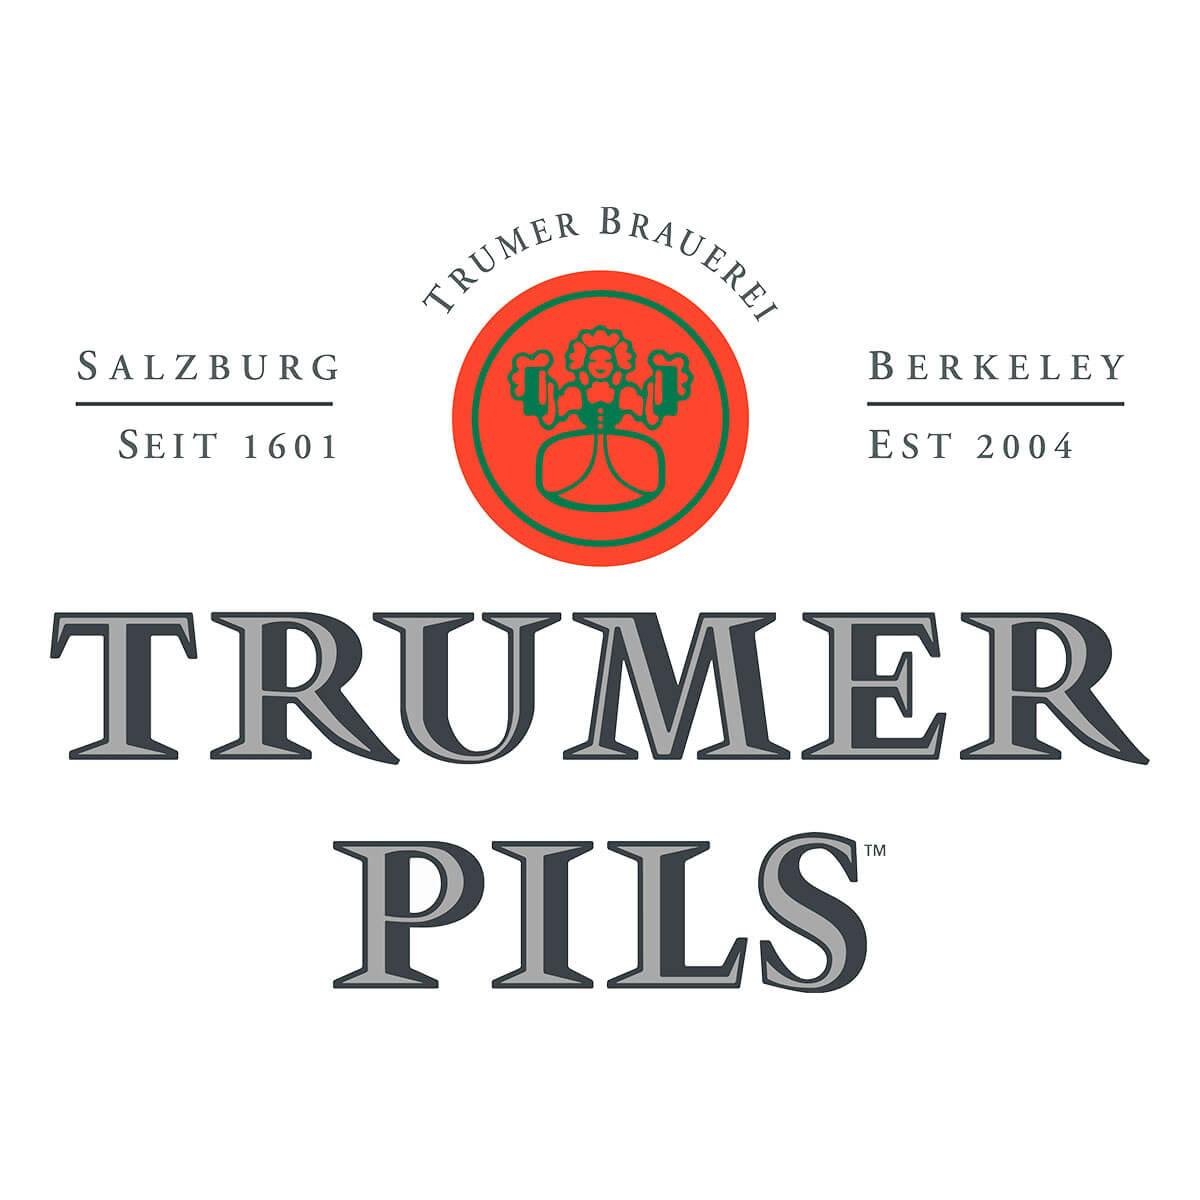 Trumer Brewery / Trumer Pils Logo